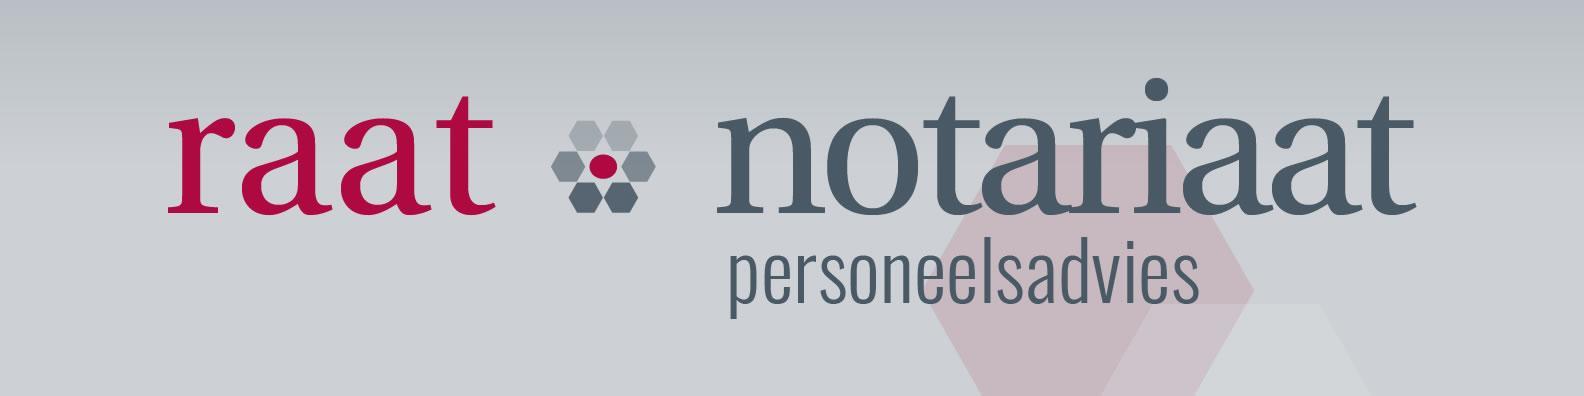 Kandidaat- notaris vastgoed